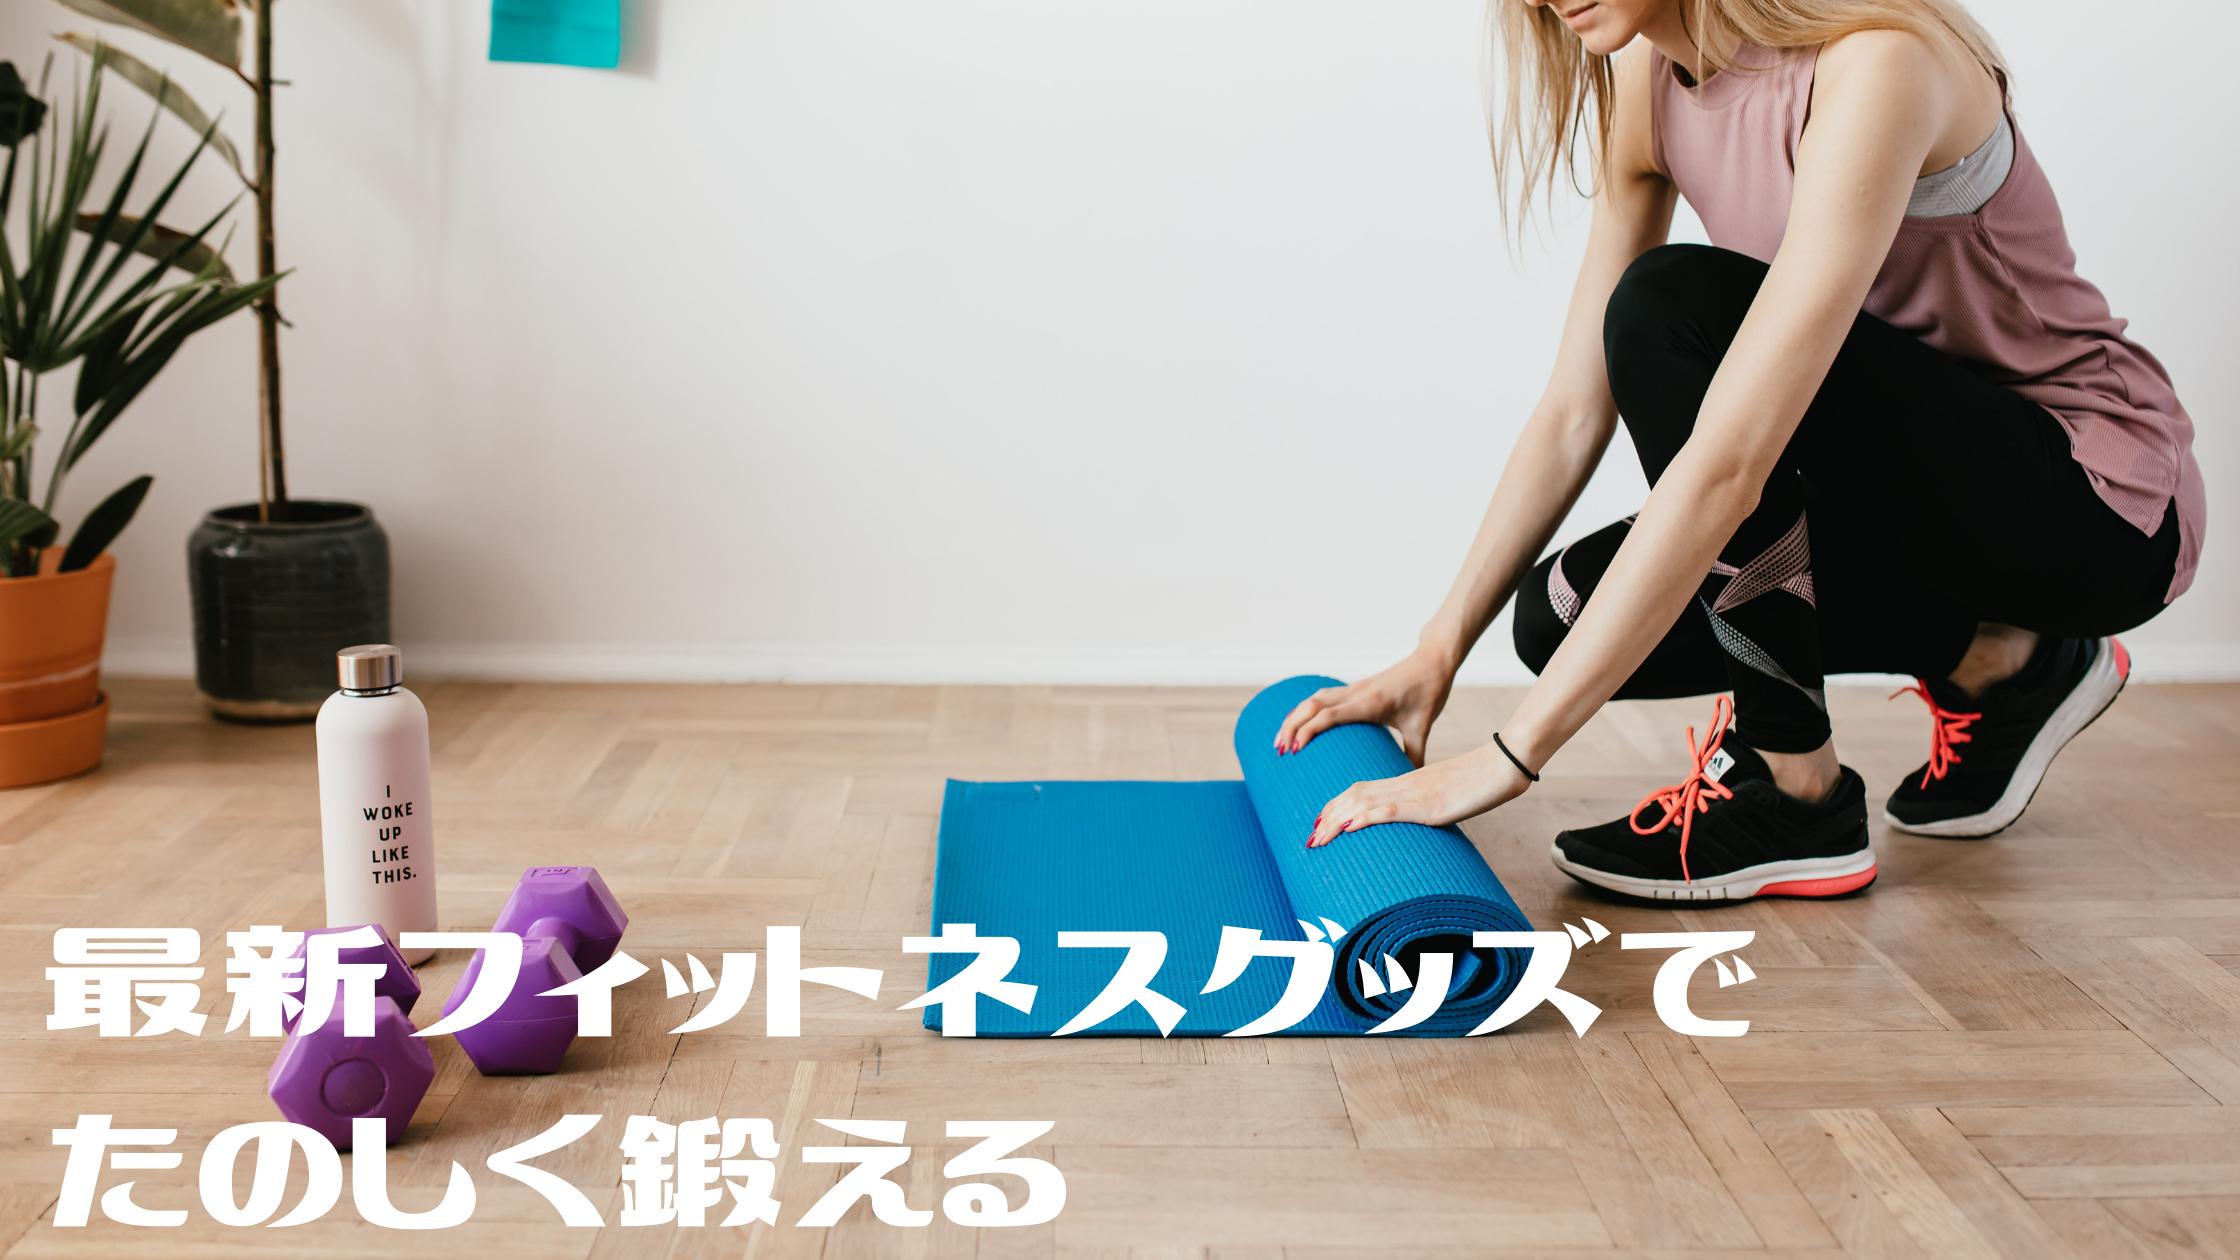 【ヒルナンデス】人気のフィットネスグッズ『スクワット椅子』『スマホで体幹』『新フラフープ』